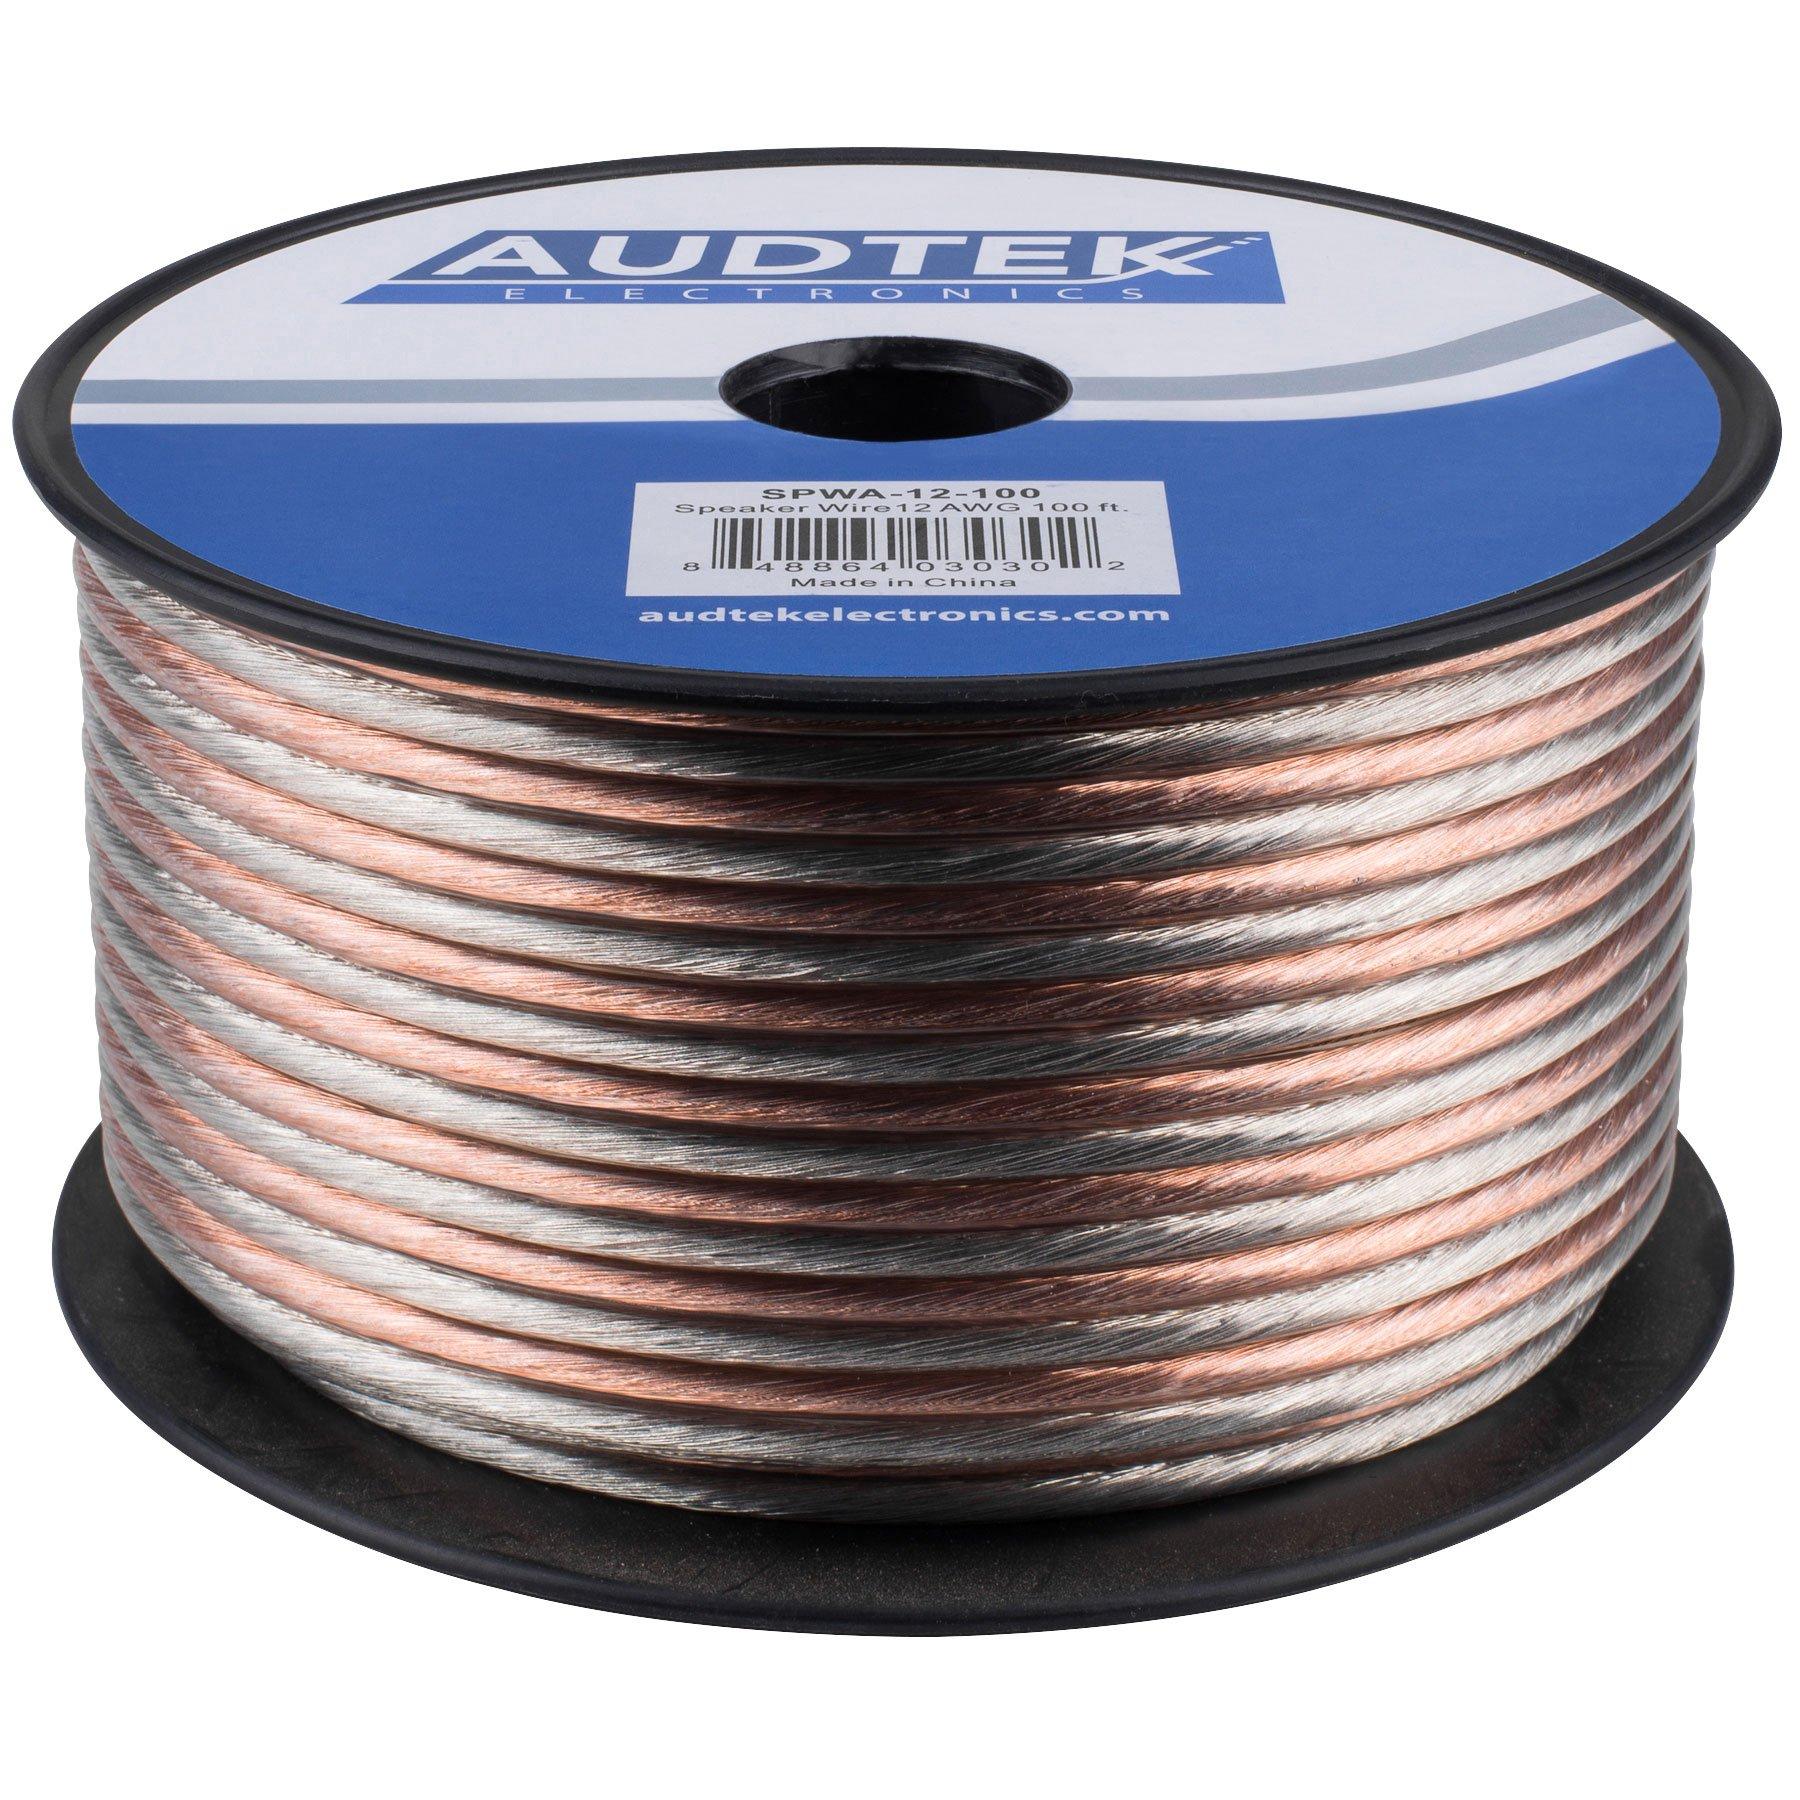 Audtek Electronics SPWA-12-100 12 AWG Speaker Wire 100 ft. Spool